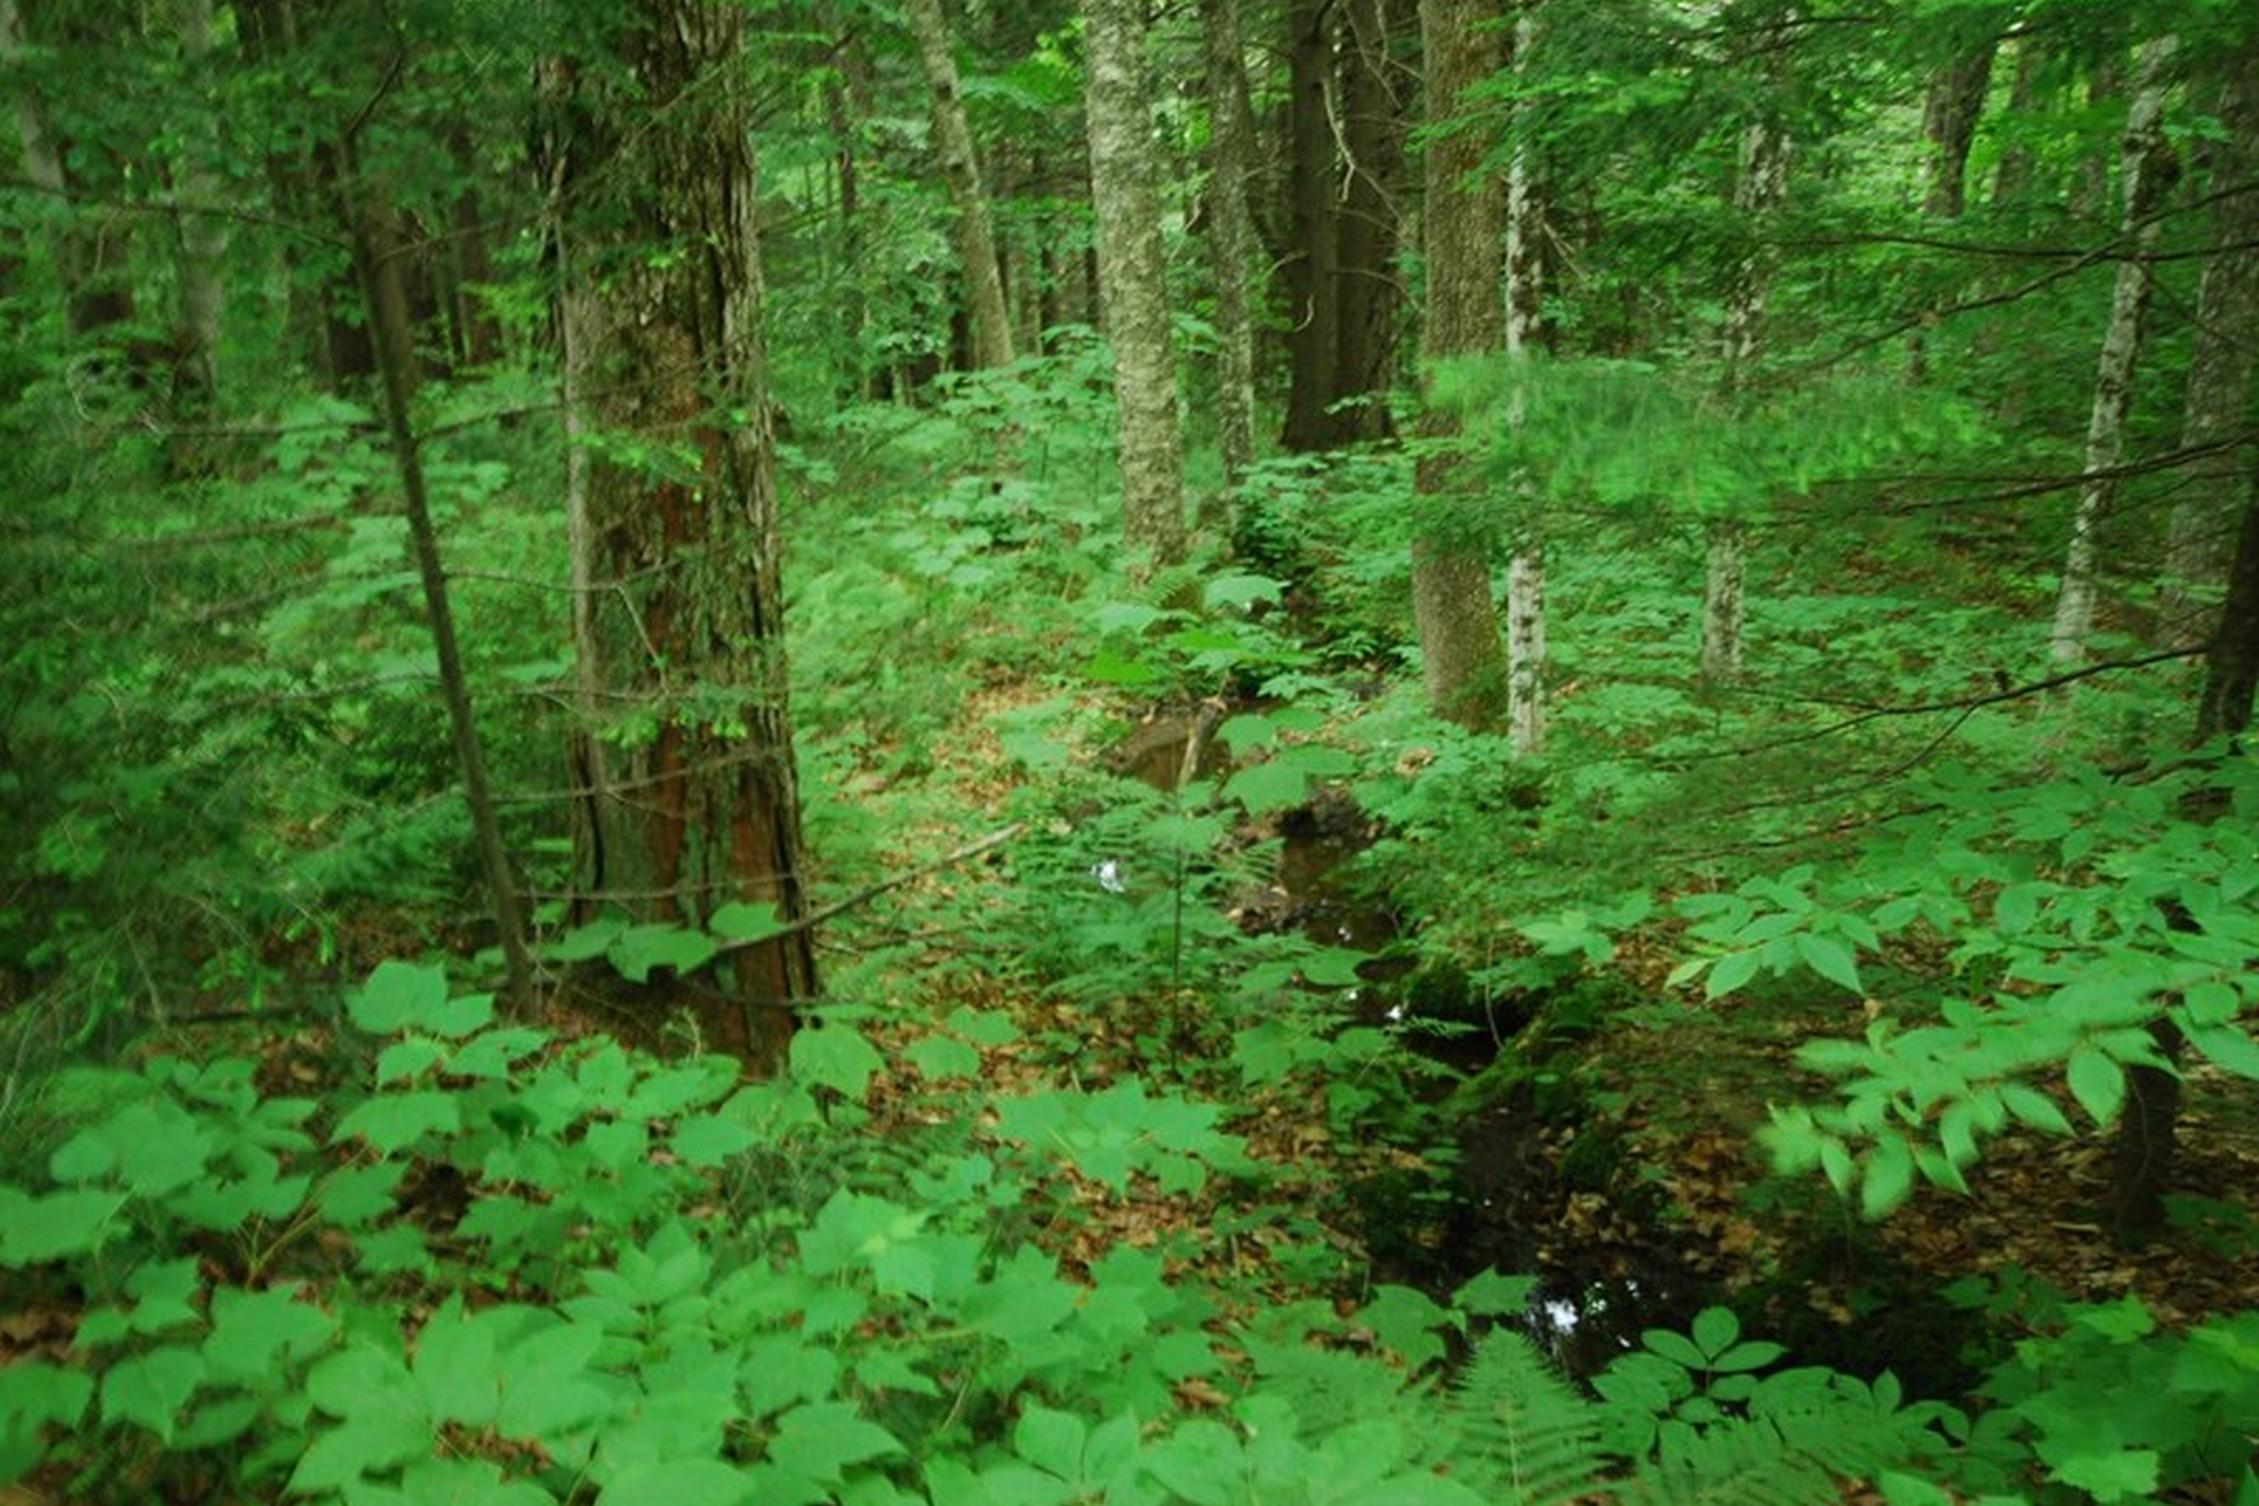 Đất đai vì Bán tại 0 Under The Mountain Road, Jamaica 0 Under The Mountain Rd Jamaica, Vermont, 05343 Hoa Kỳ